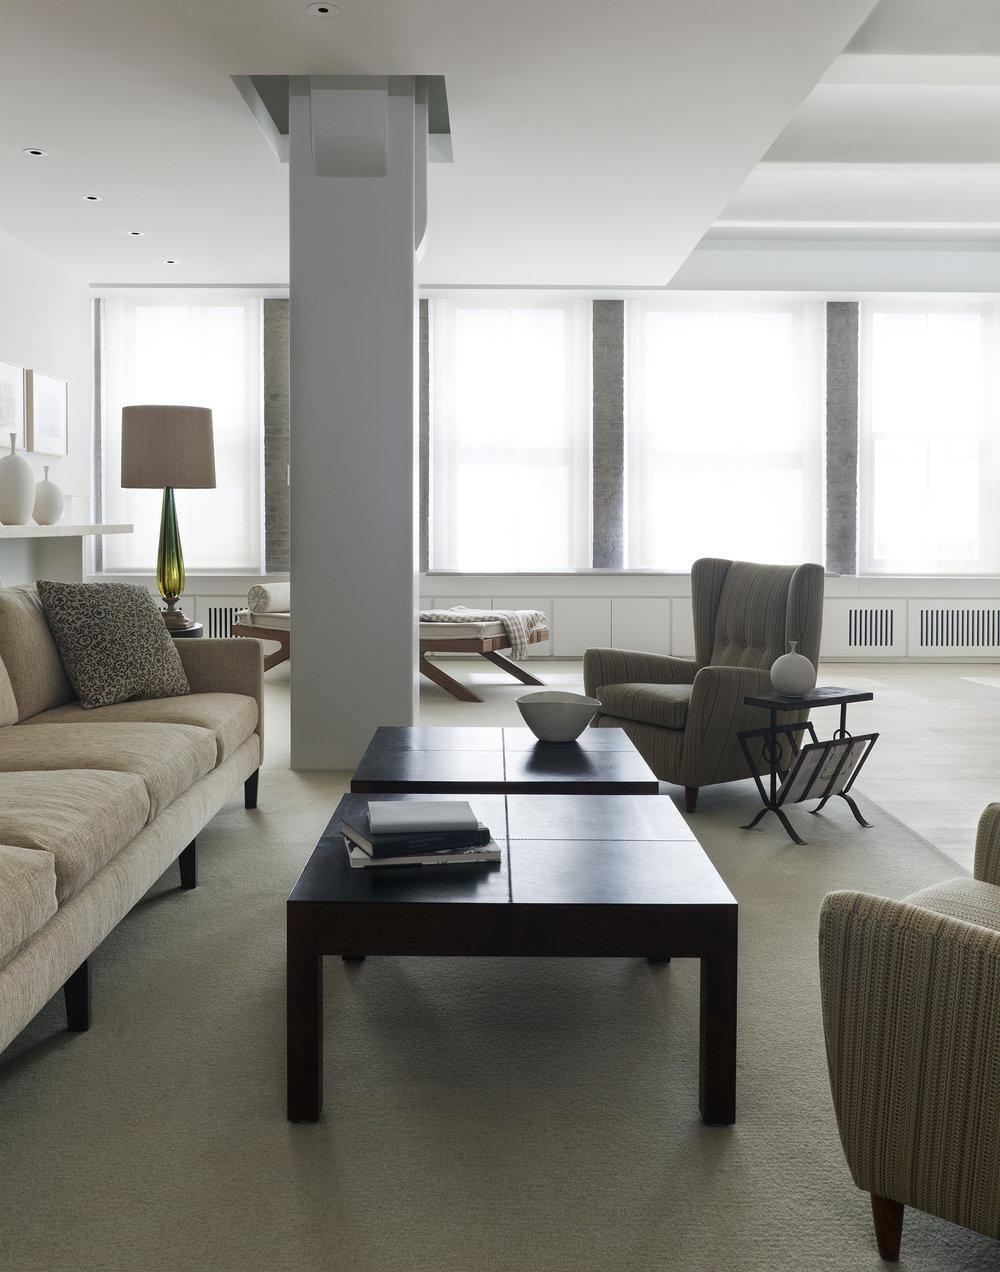 2-Living Room.jpg